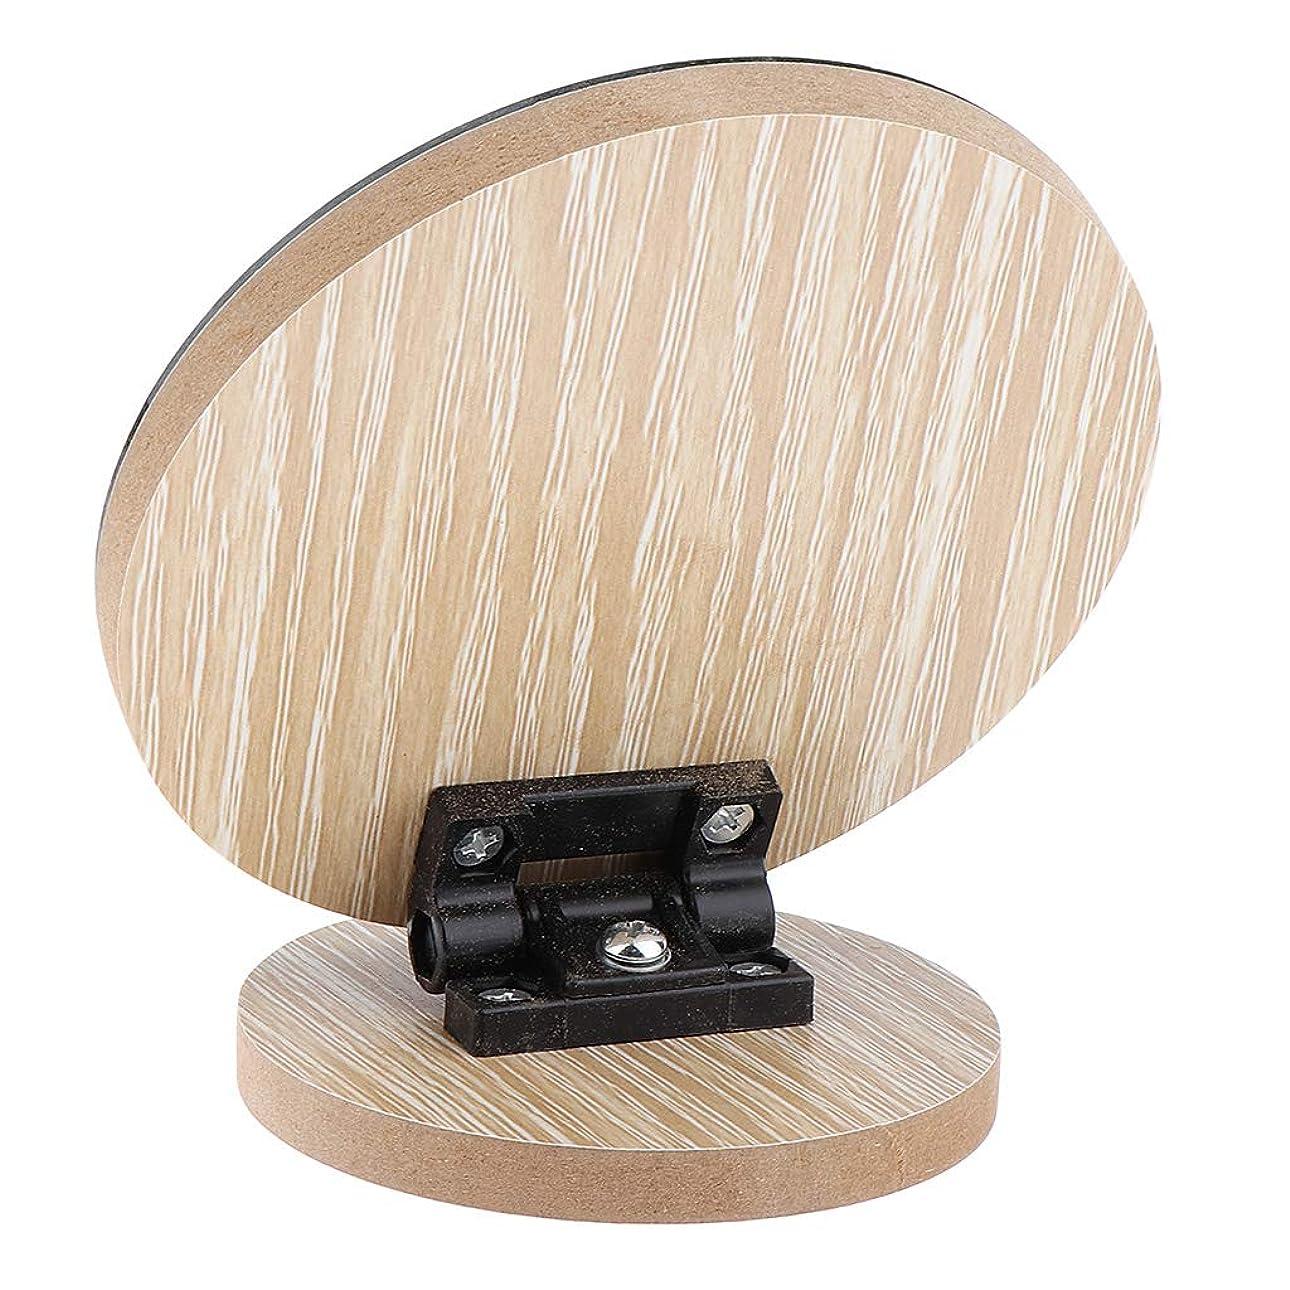 繁殖スーパーマーケット法廷Toygogo 化粧鏡 スタンド 卓上 メイクアップミラー 化粧ミラー メイクミラー 2サイズ選べ - 12.5 cm